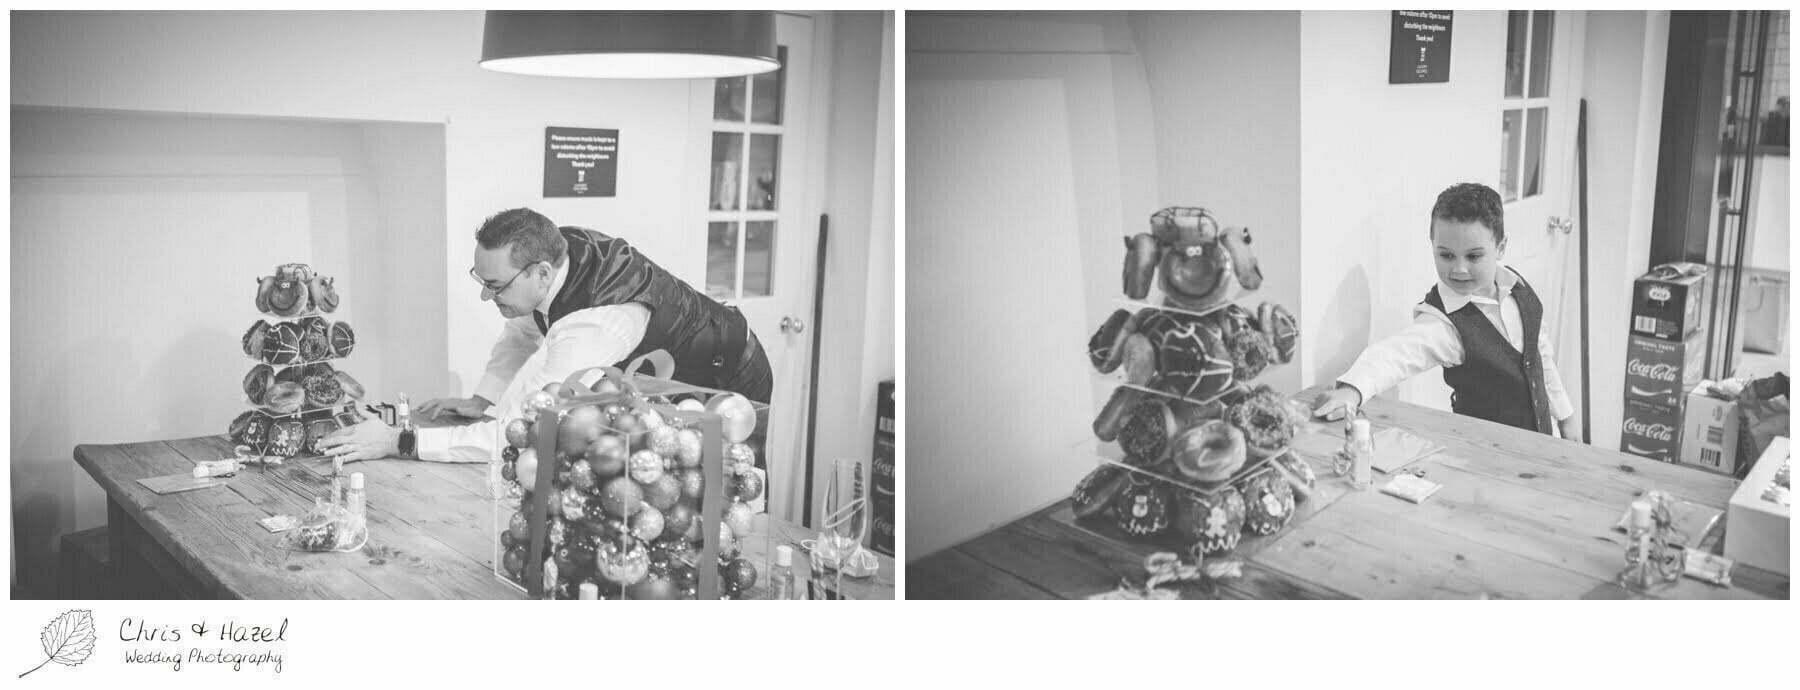 Groom getting ready preparations, Krispy Kreme wedding cake, donut wedding cake, Bath Wedding Photography, Roman Baths Wedding Photographer, Wedding in Bath, Bath Wedding Day, documentary wedding photography, Chris and Hazel Wedding Photography Bath, Sammie Singfield Scott Brown